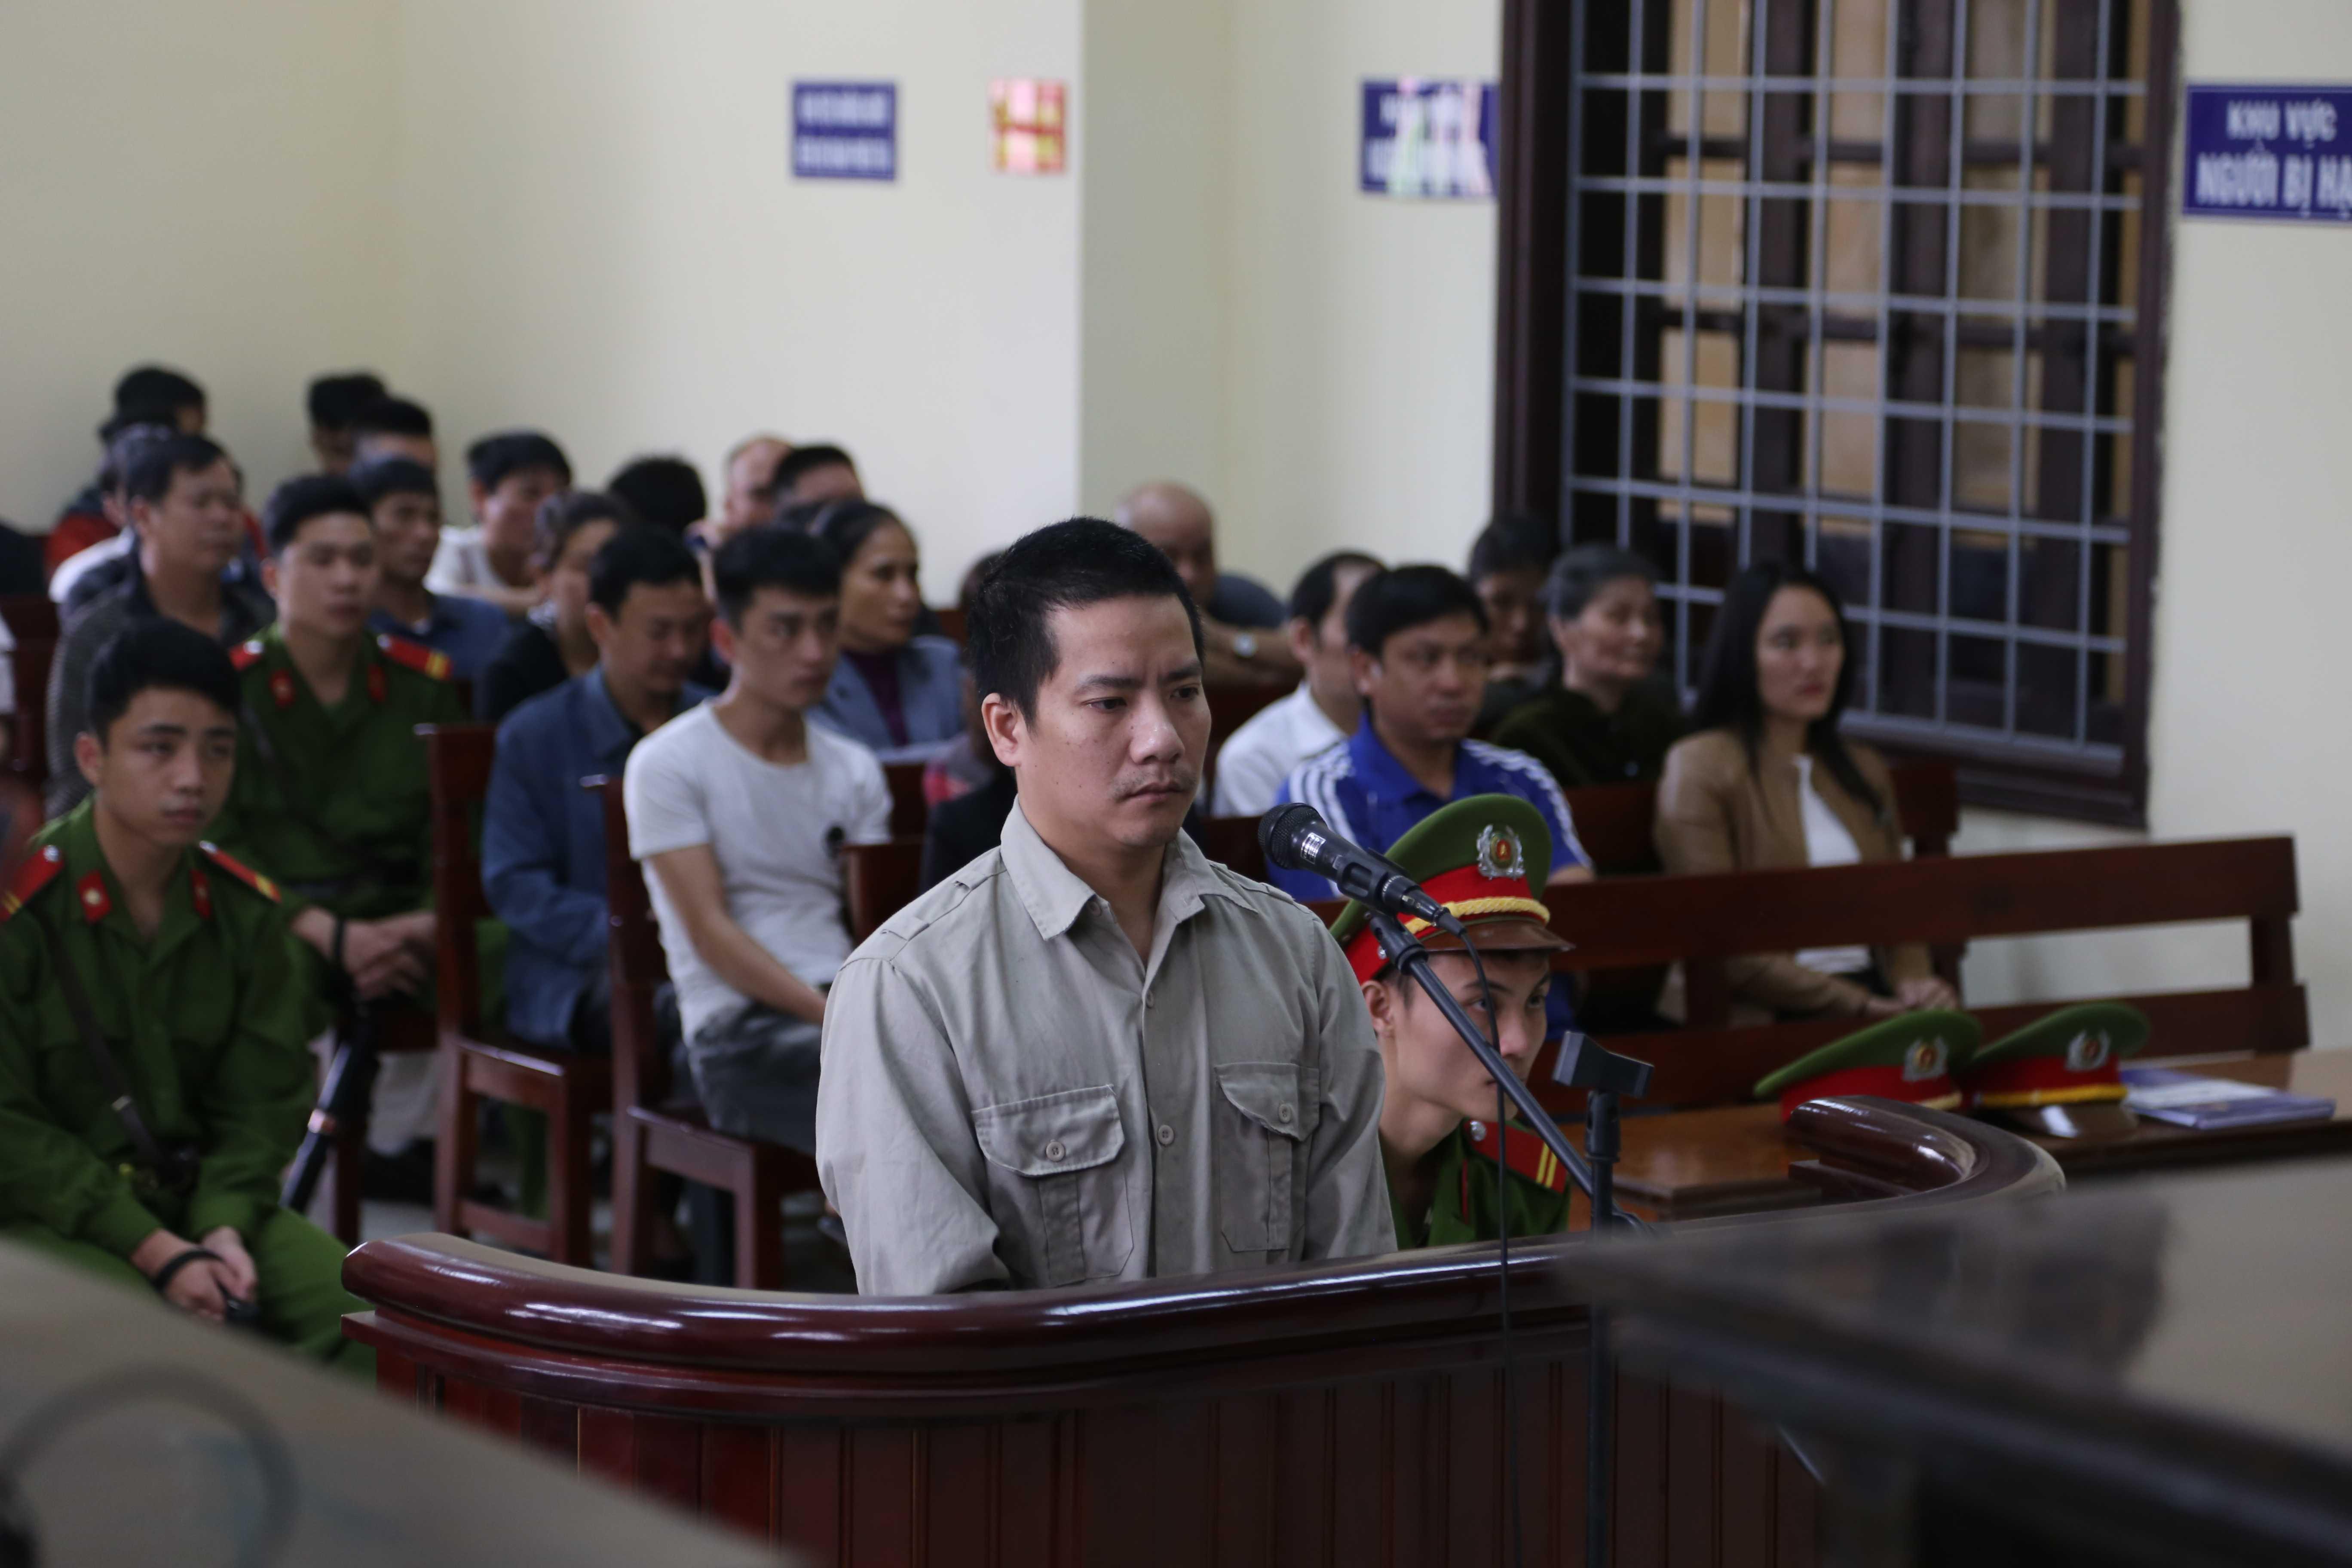 Chỉ vì va chạm giao thông và thiếu kiềm chế mà giờ đây Việt phải vào vòng lao lý còn Xuân Anh thì mất mạng.